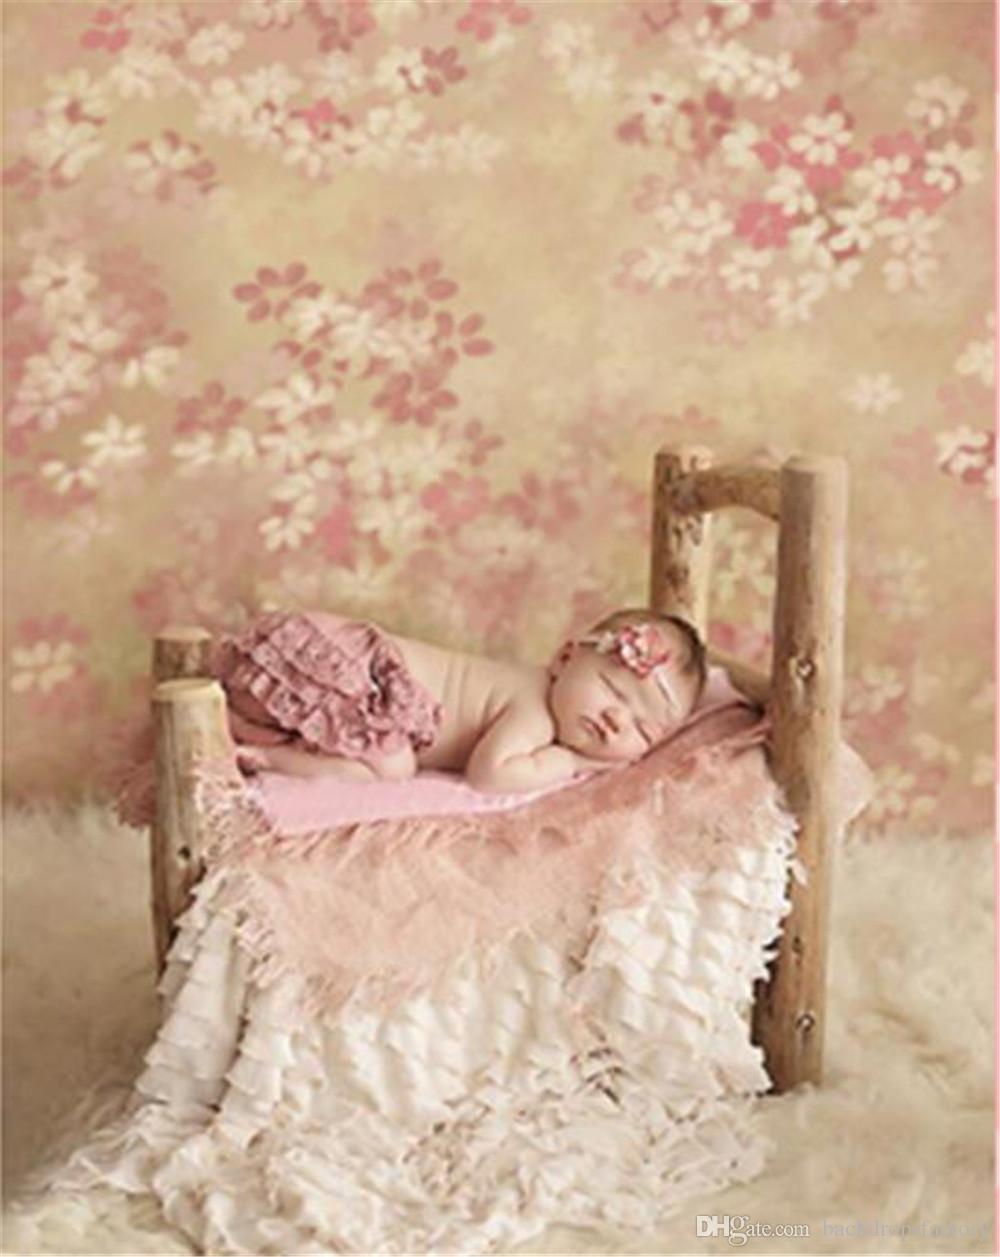 화이트 핑크 꽃 사진 배경 디지털 인쇄 된 아기 신생아 사진 부스 바탕 화면 빈티지 꽃 사진 배경